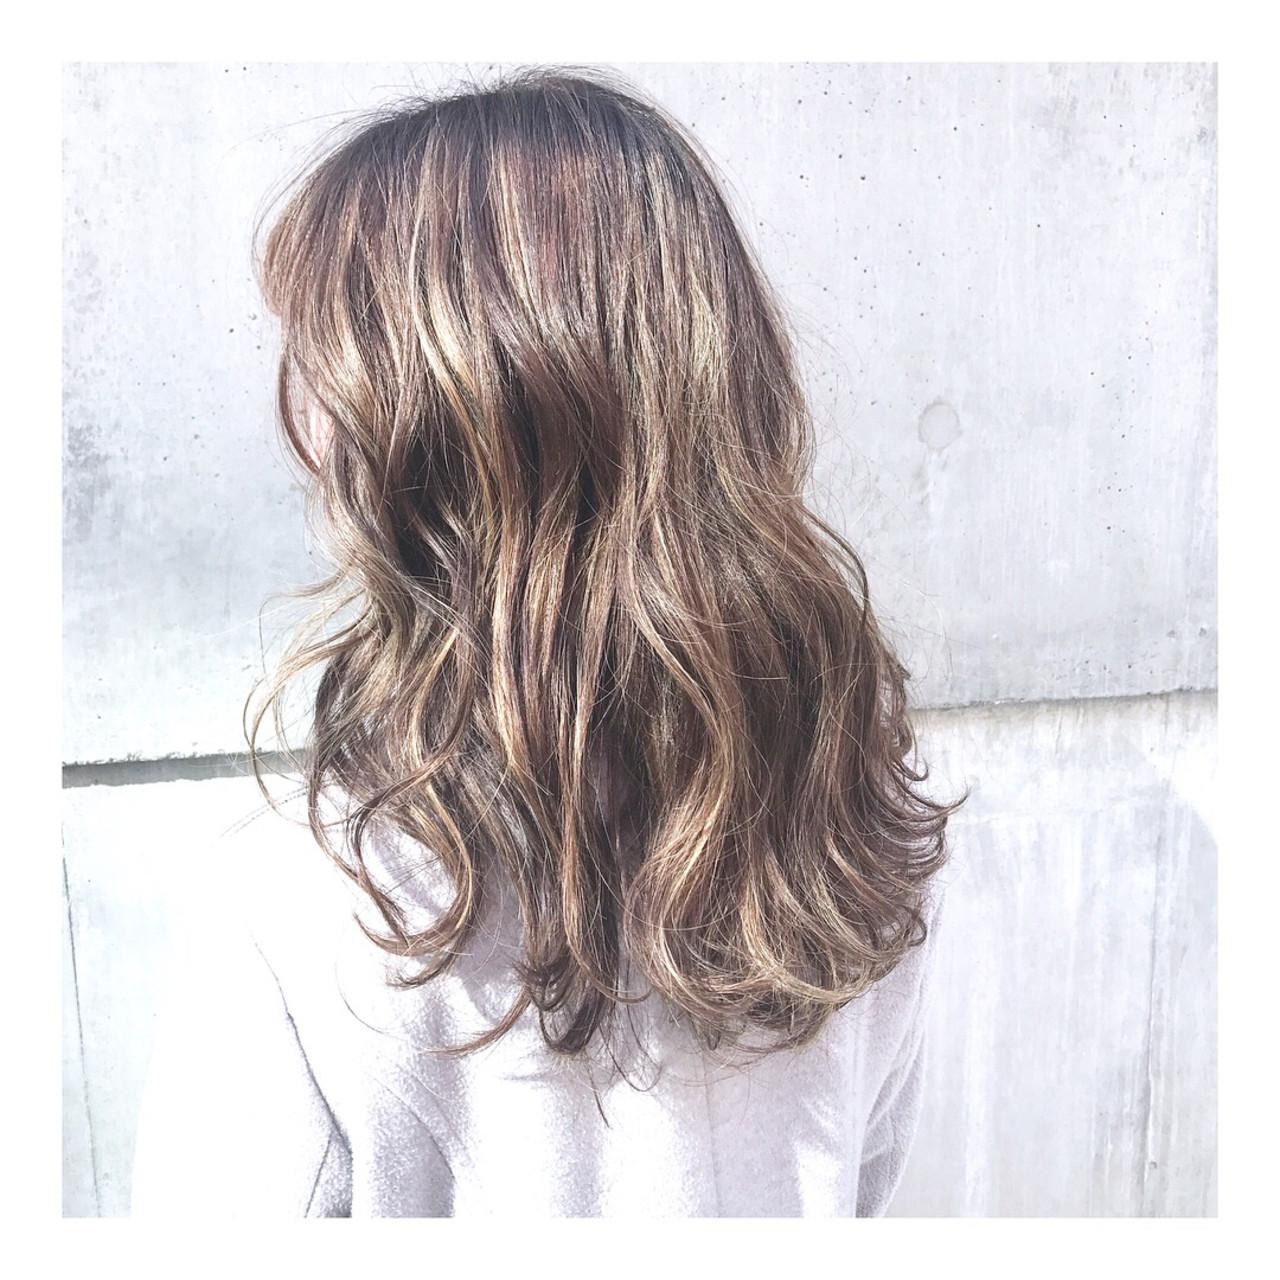 セミロング 外国人風 3Dハイライト フェミニン ヘアスタイルや髪型の写真・画像 | emi yuhei / hair  salon momo